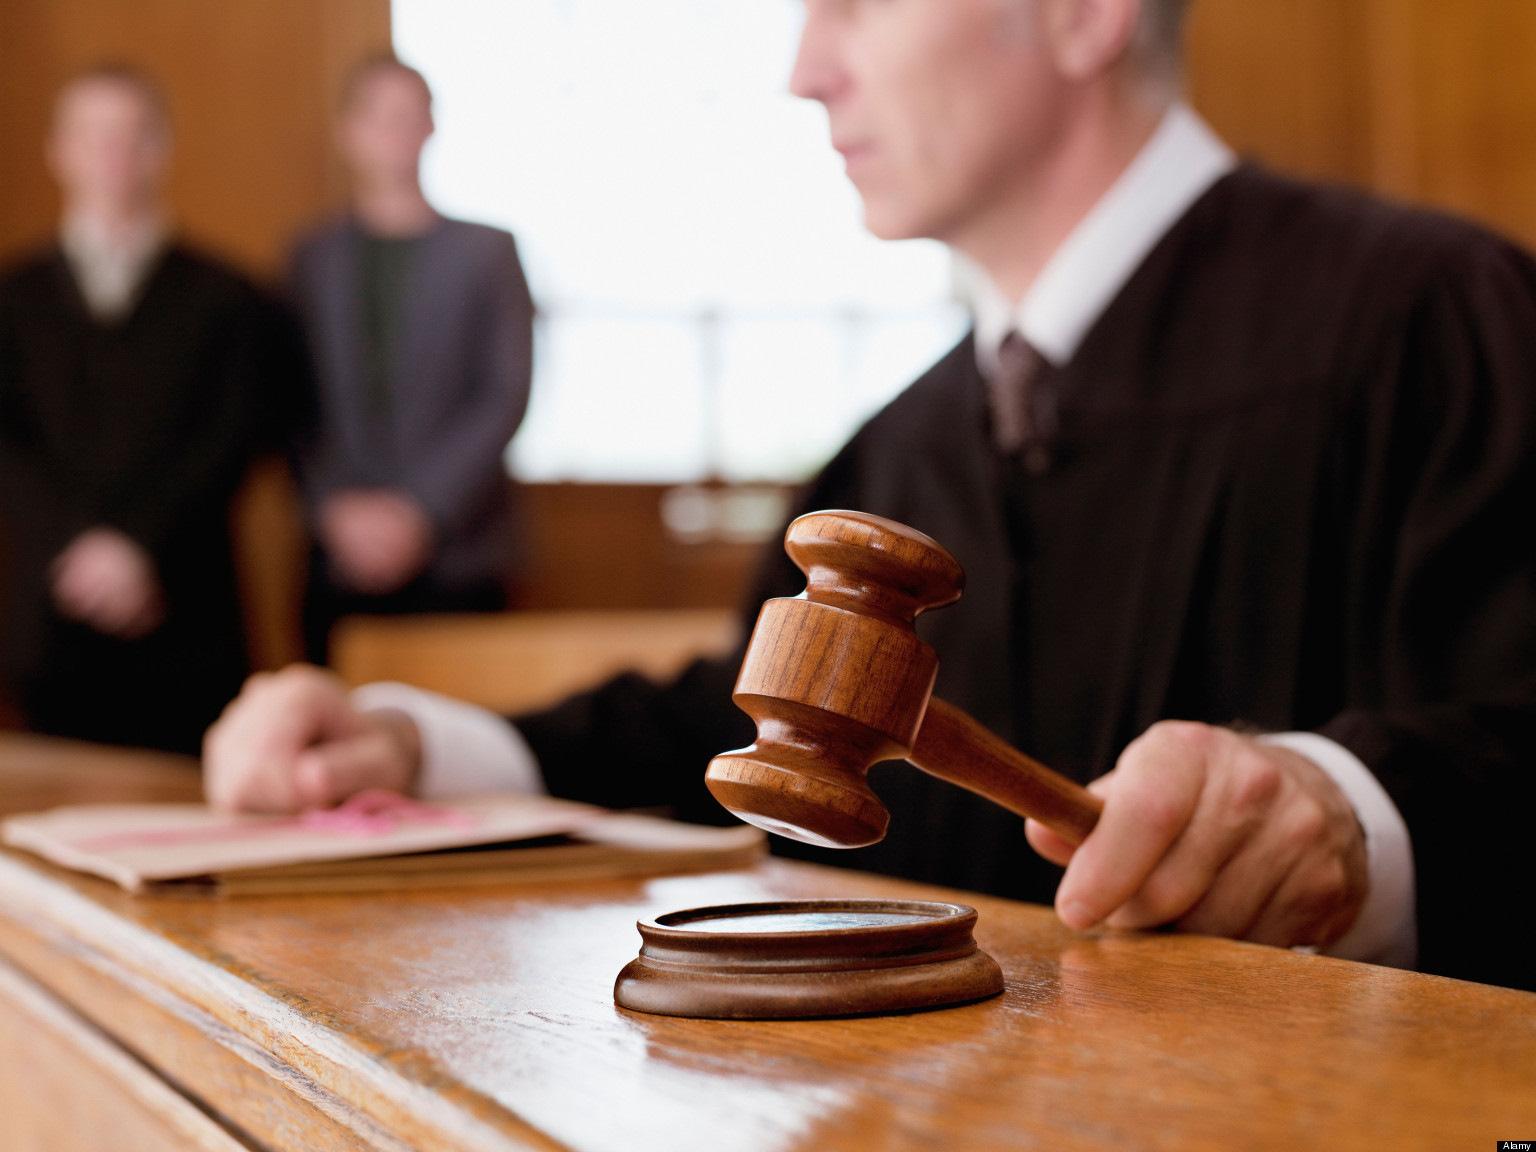 Верховный суд принял решение о порядке рассмотрения дел в апреле 2020